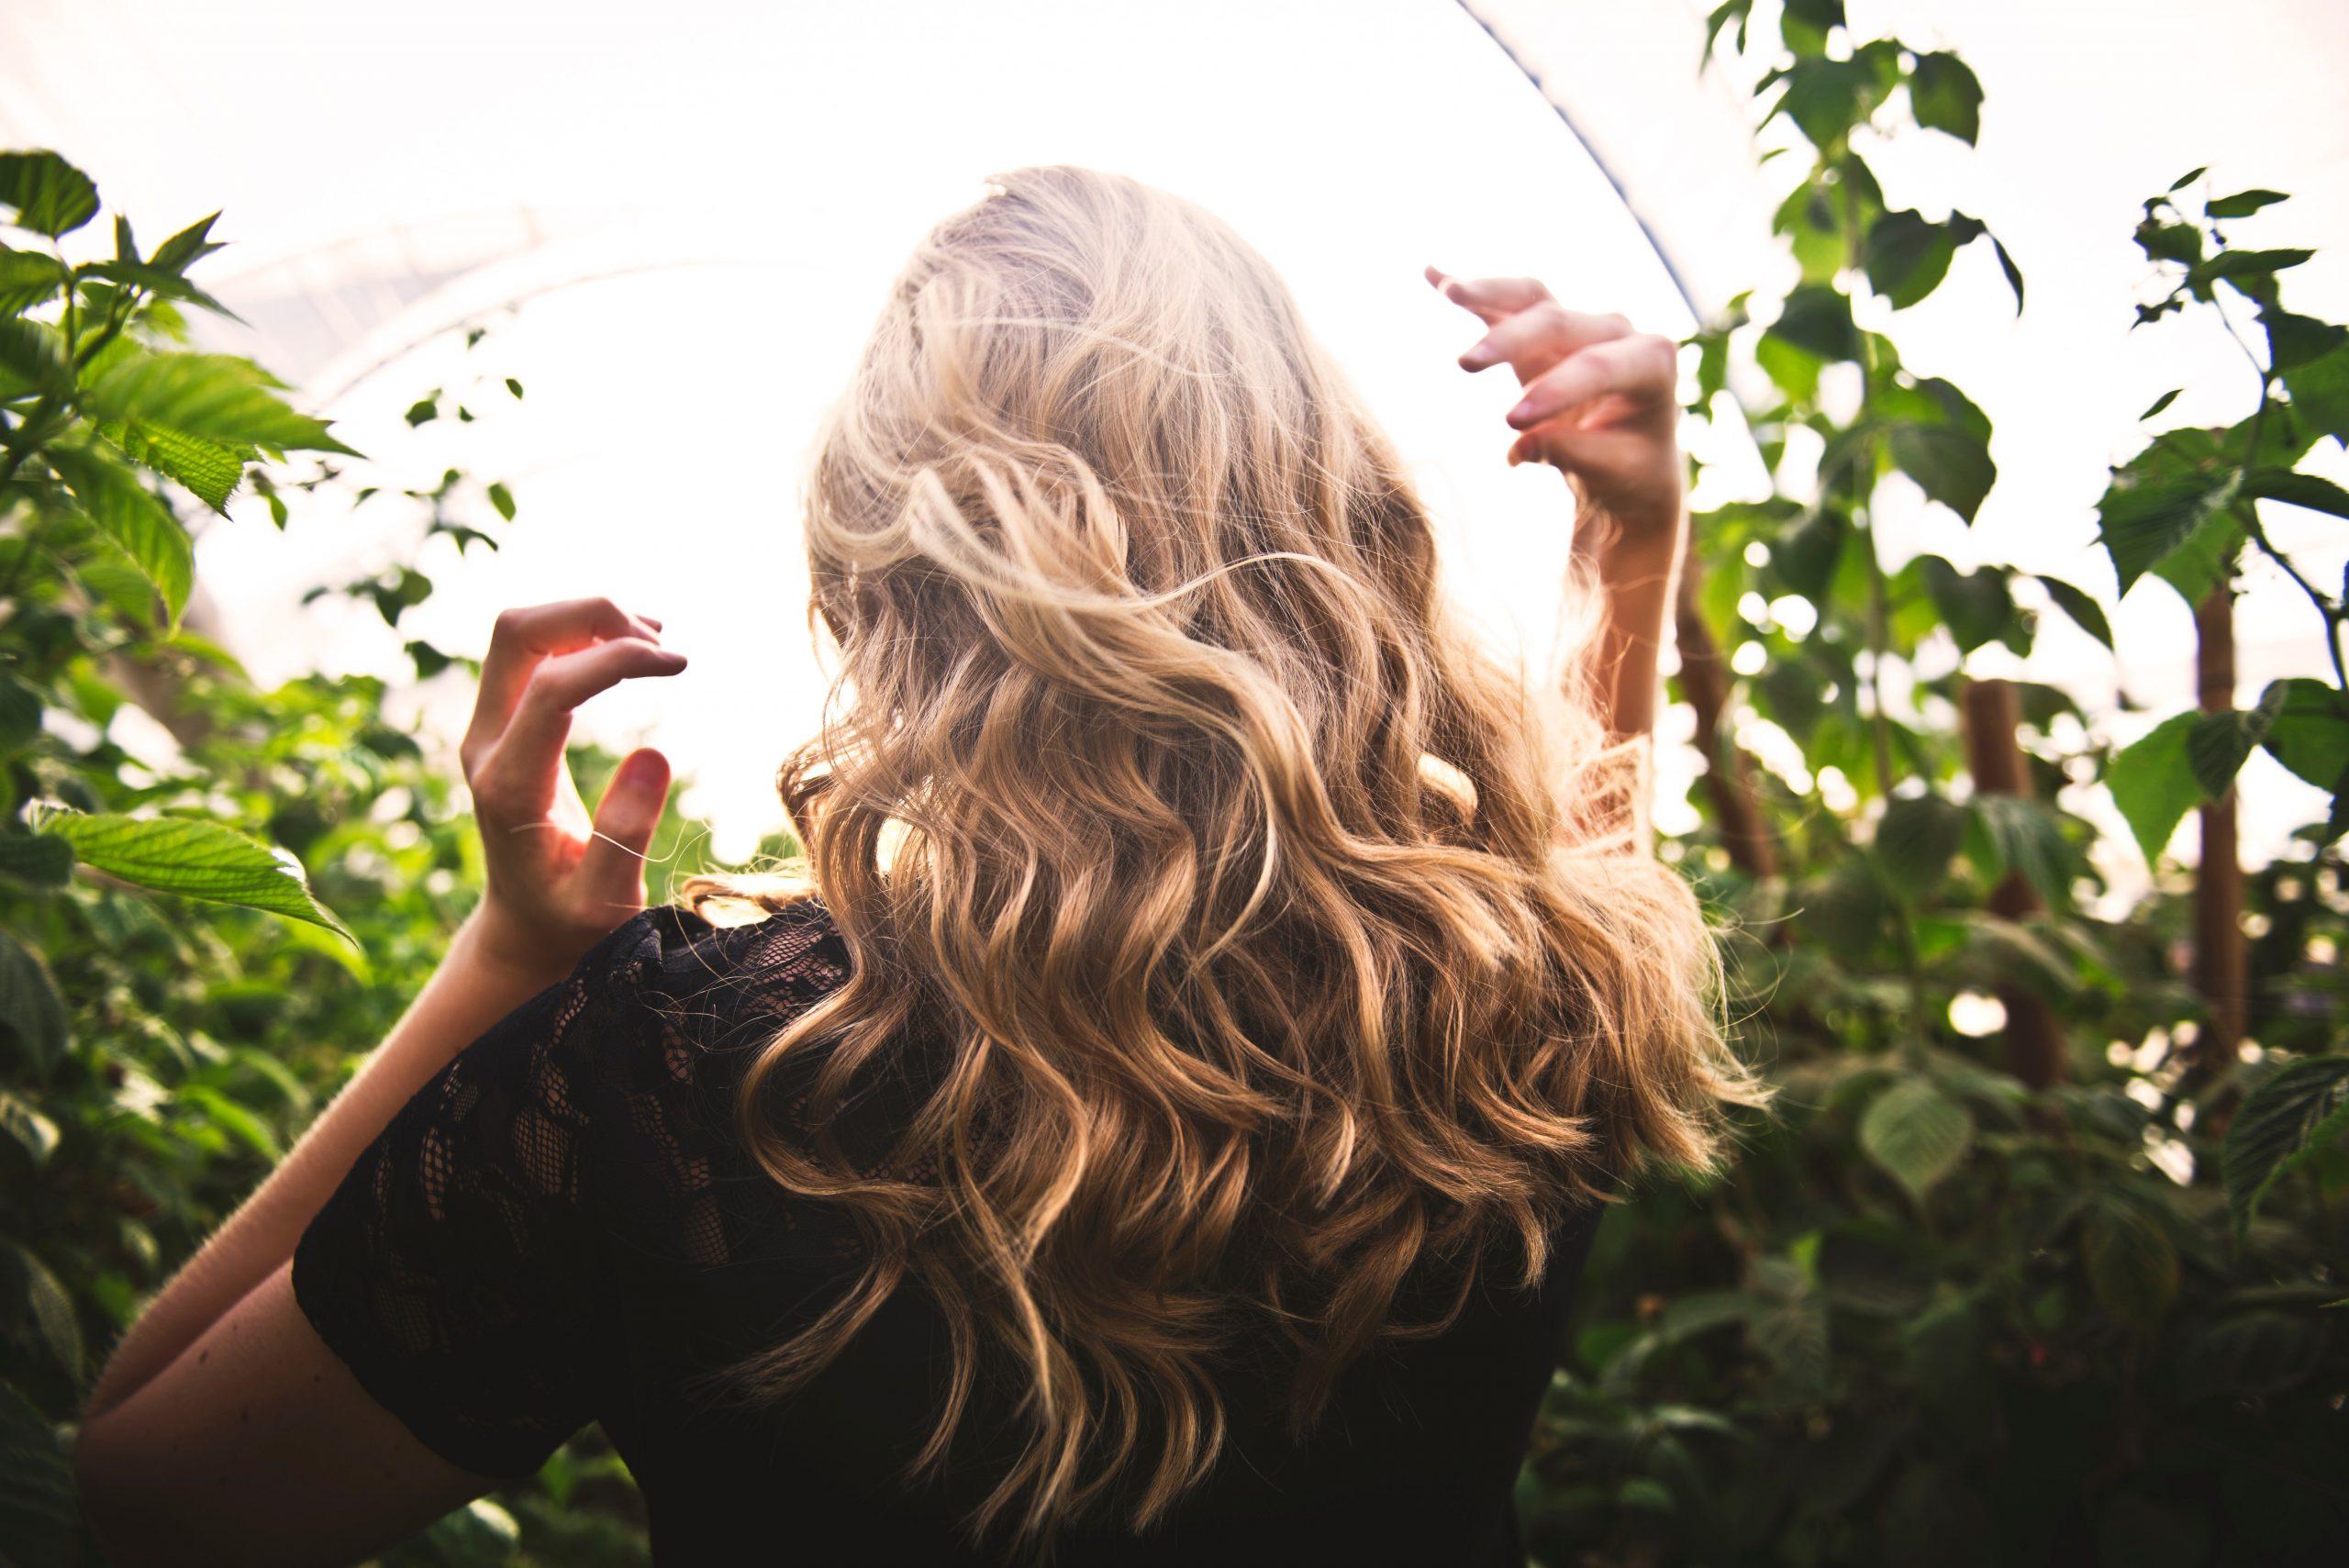 טיפים לעיצוב השיער בקיץ